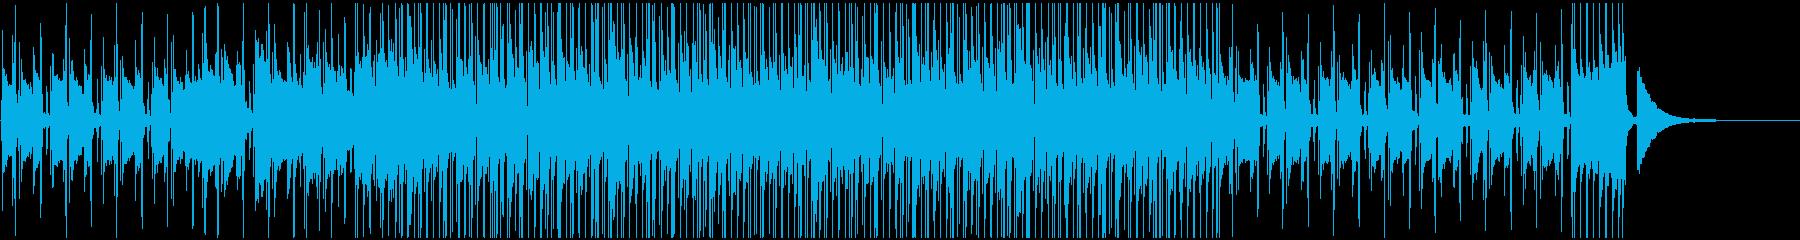 アコギ オープニング 爽やか 日常の再生済みの波形